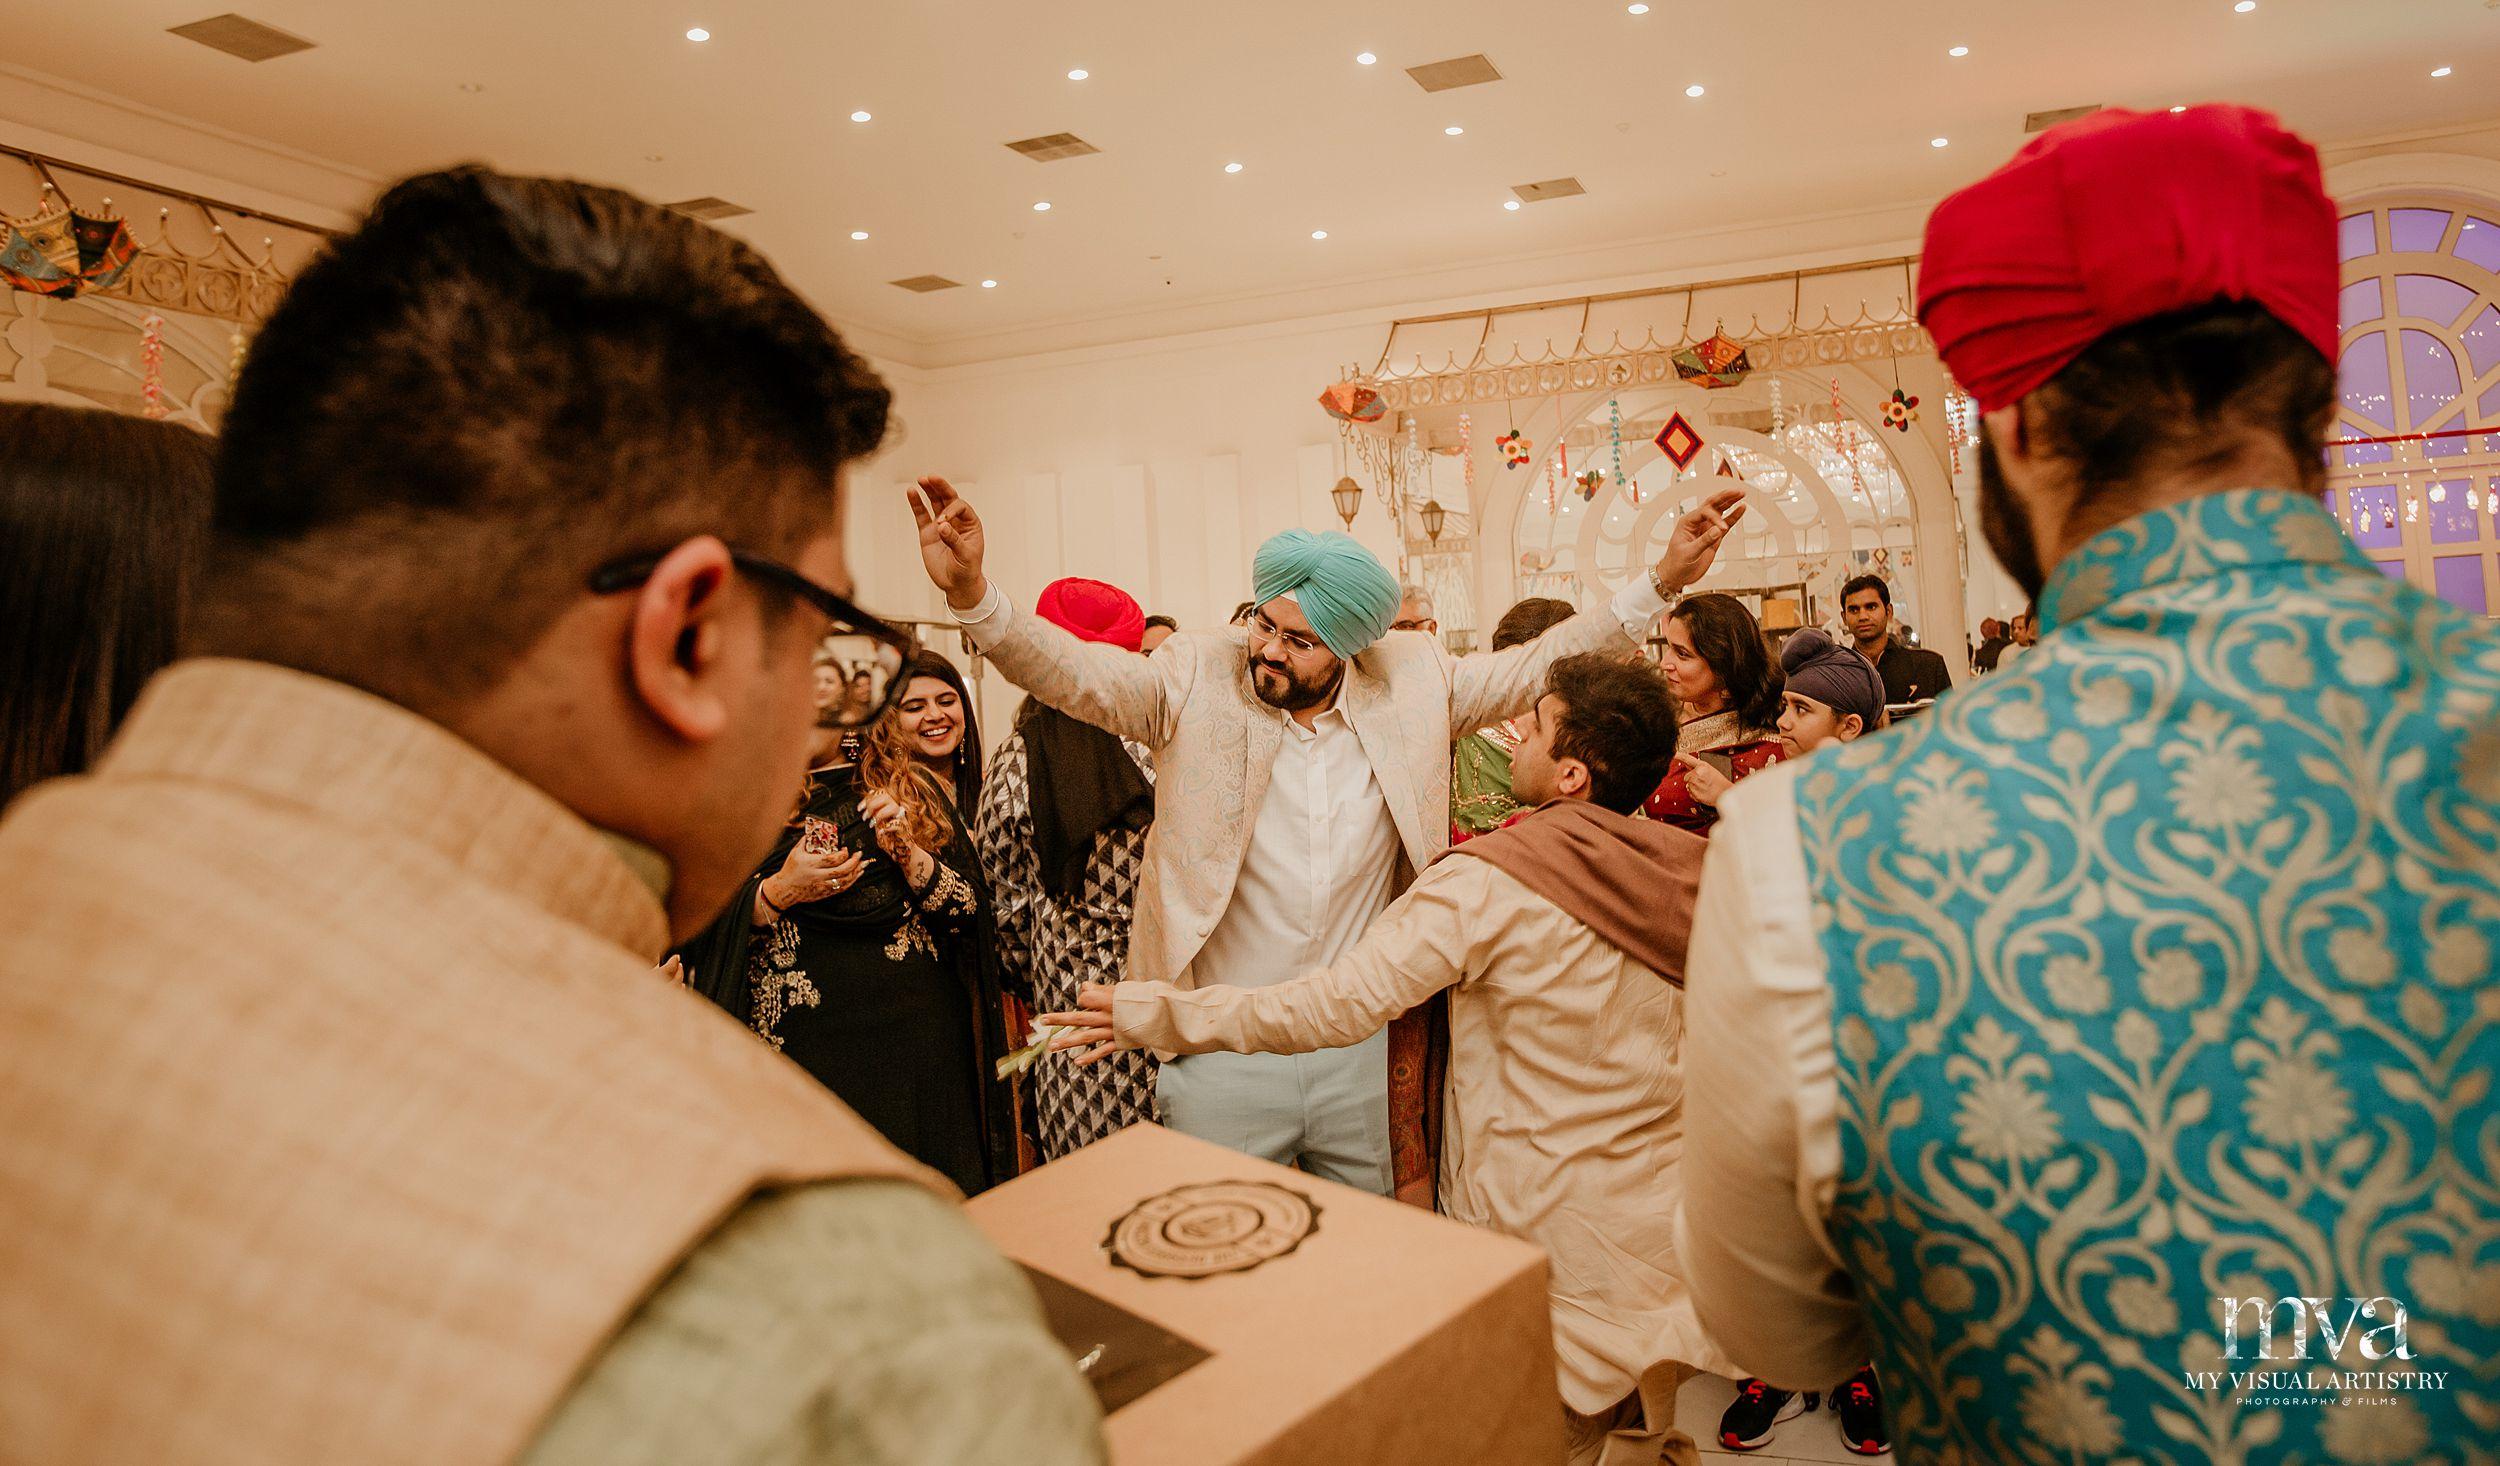 anant_arundhati_myvisualartistry_mva_wedding_sikh_ - 099.jpg